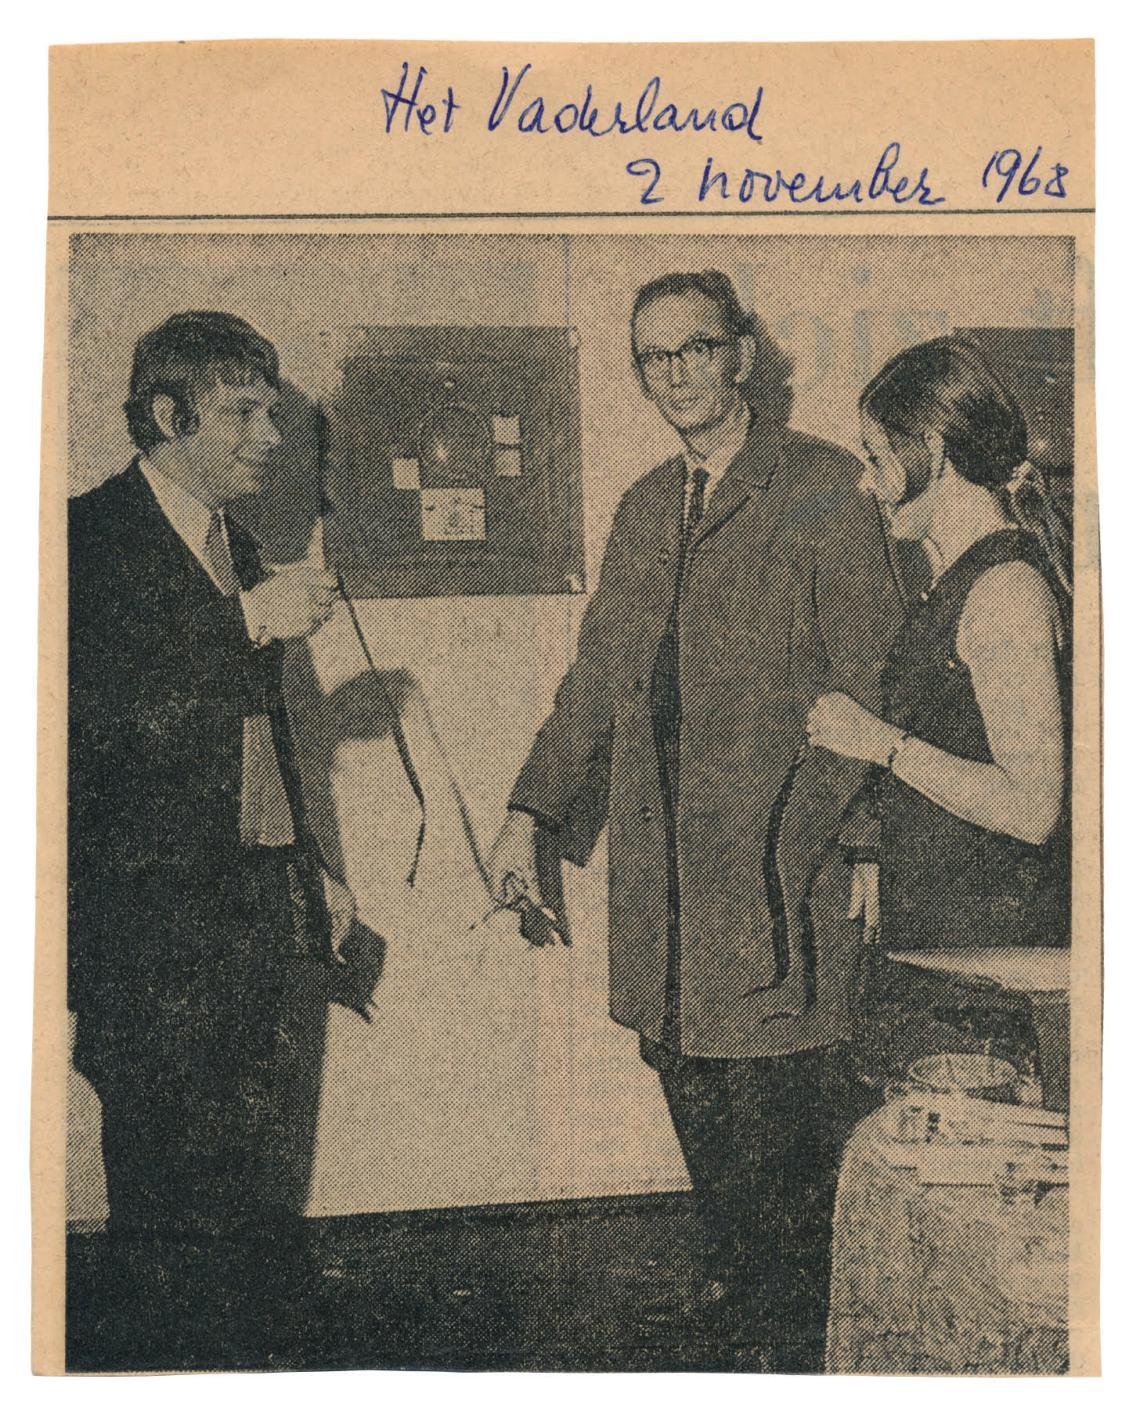 Jan Schoonhoven (midden) opent het atelier van Robert Smit (links) in Delft, recht Louise Smit. Het Vaderland, 2 november 1968. Foto met dank aan Louise Smit©